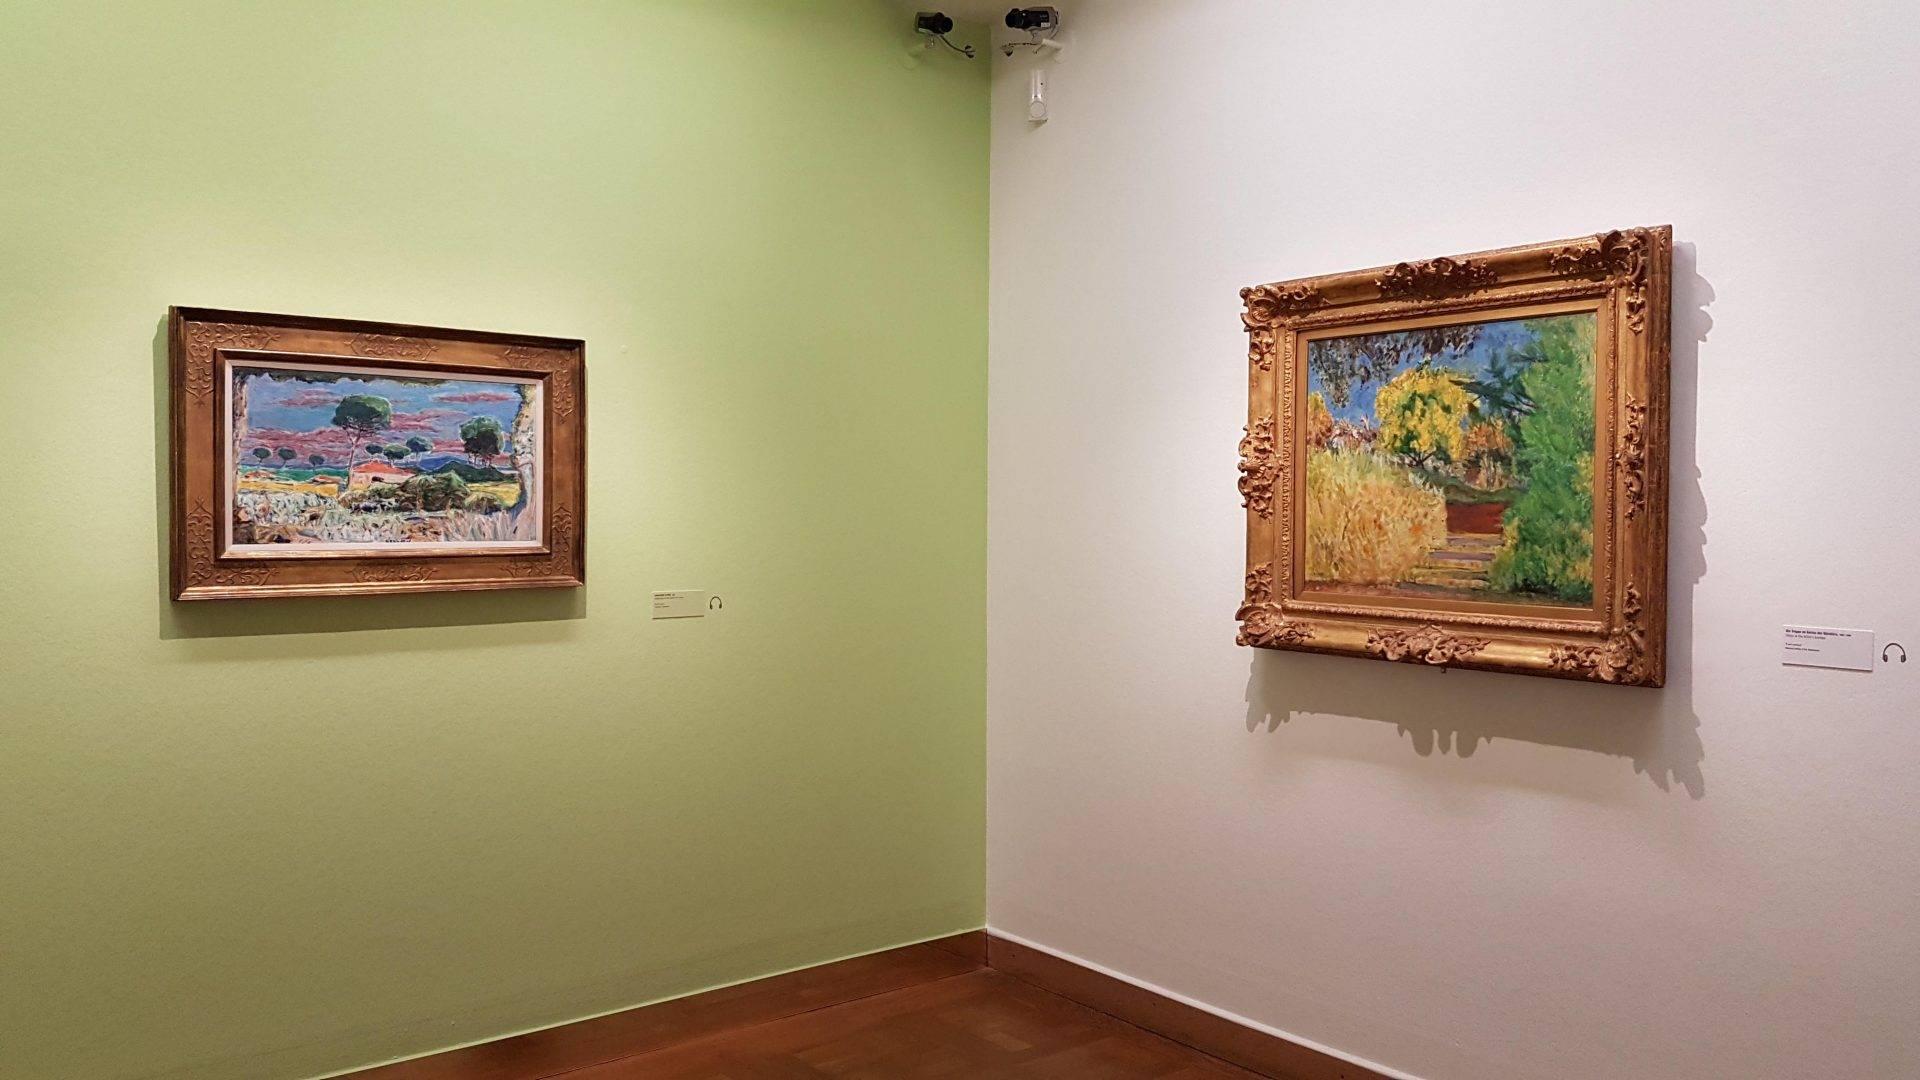 Выставка Пьера Бонара в Кунстфоруме Австрия. Фото: Art with me! e.U., 2019